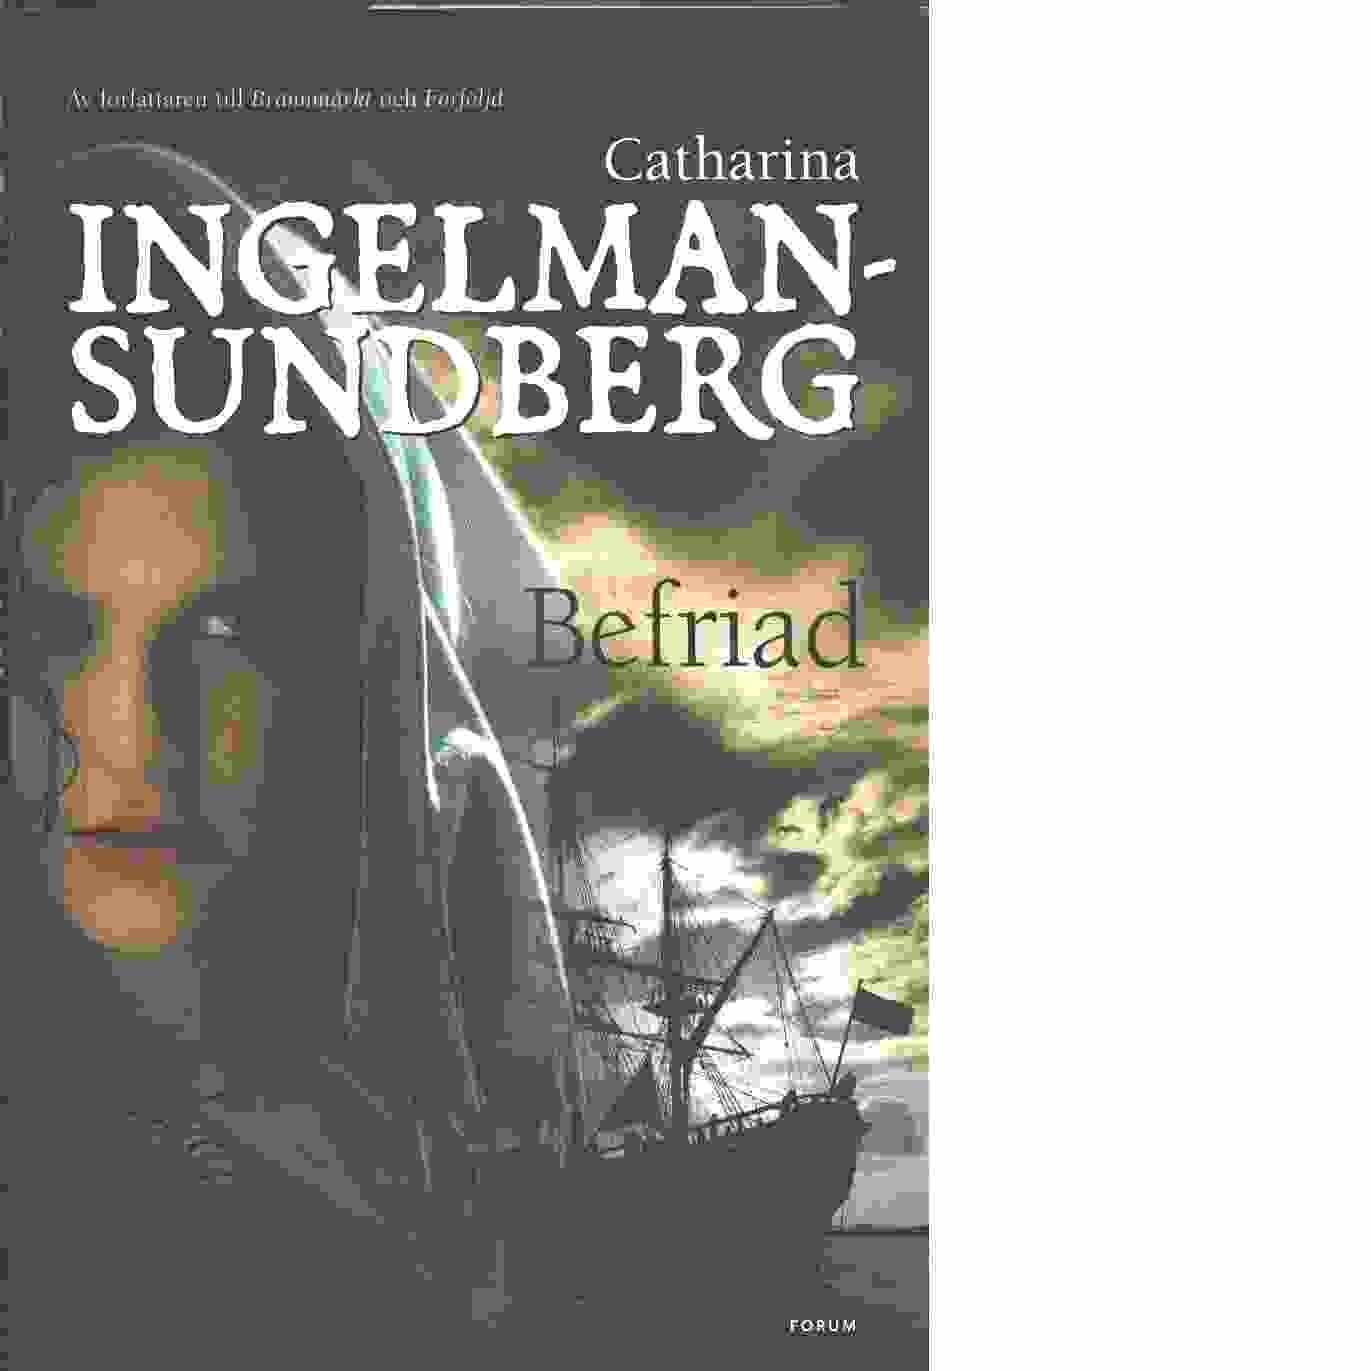 Befriad - Ingelman-Sundberg, Catharina